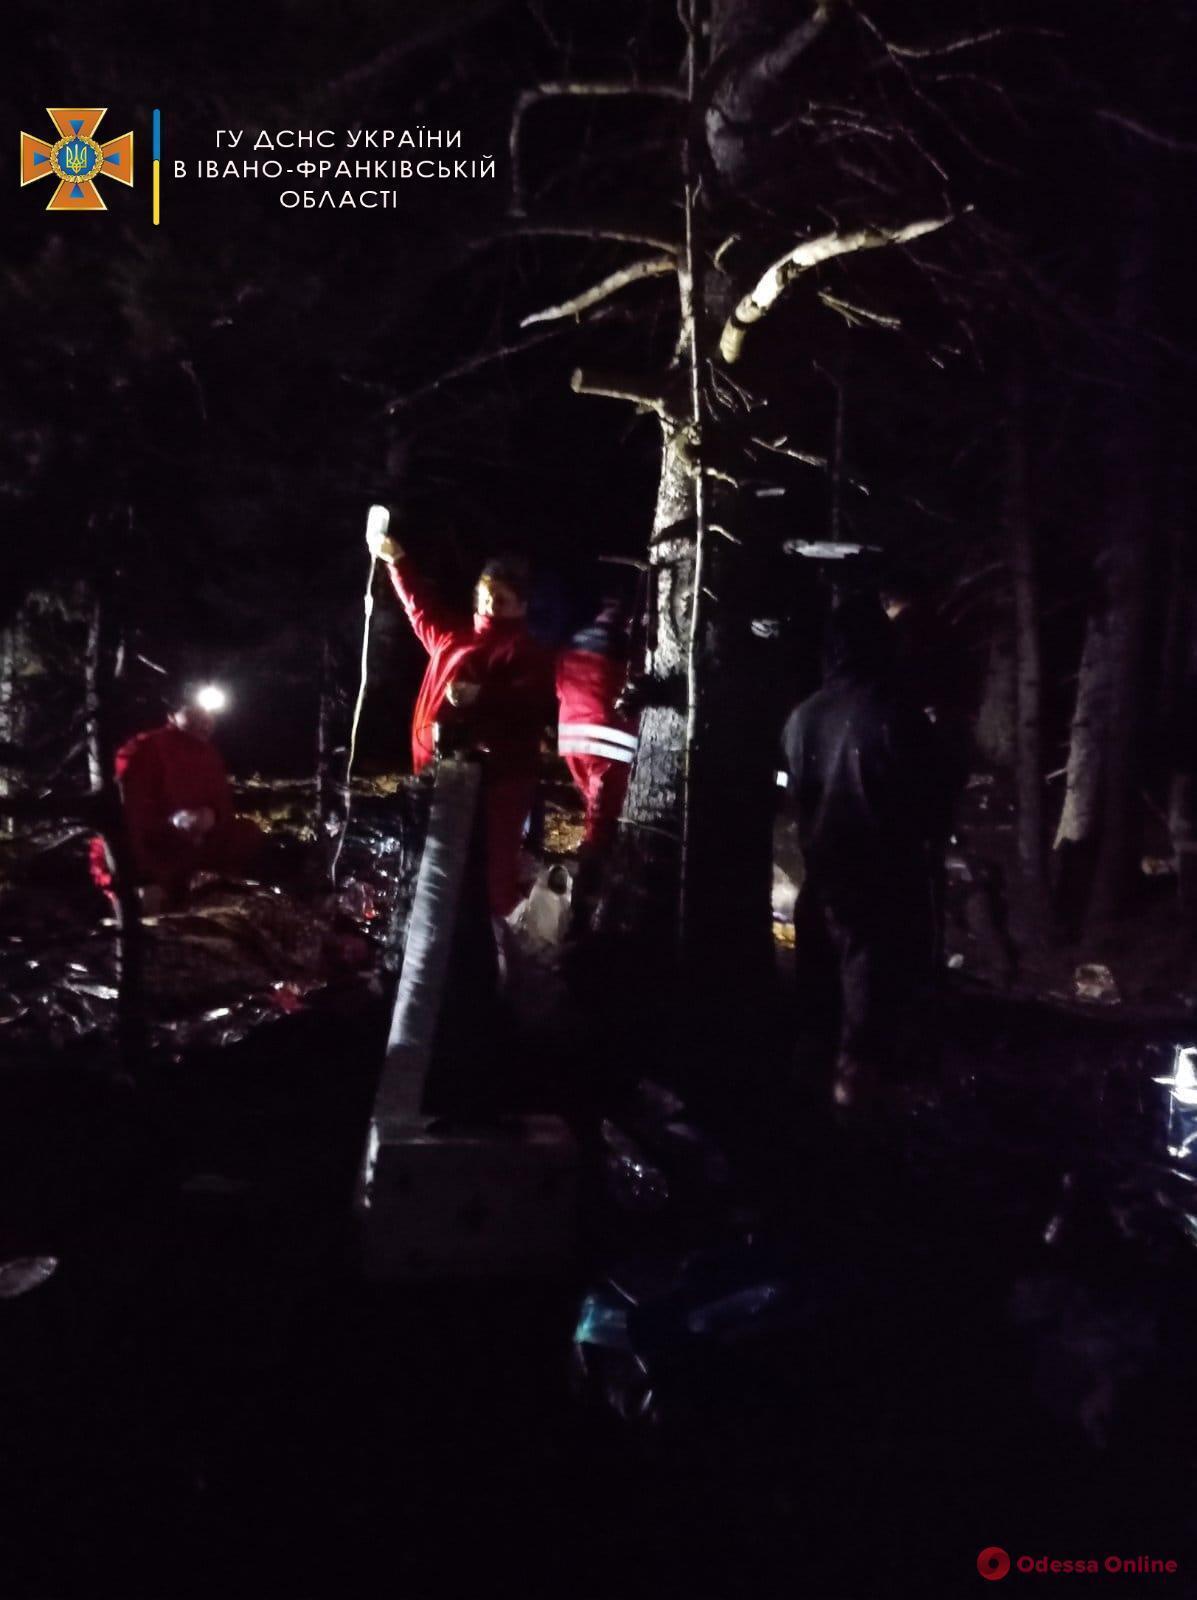 Рятувальники надають допомогу на місці вибуху